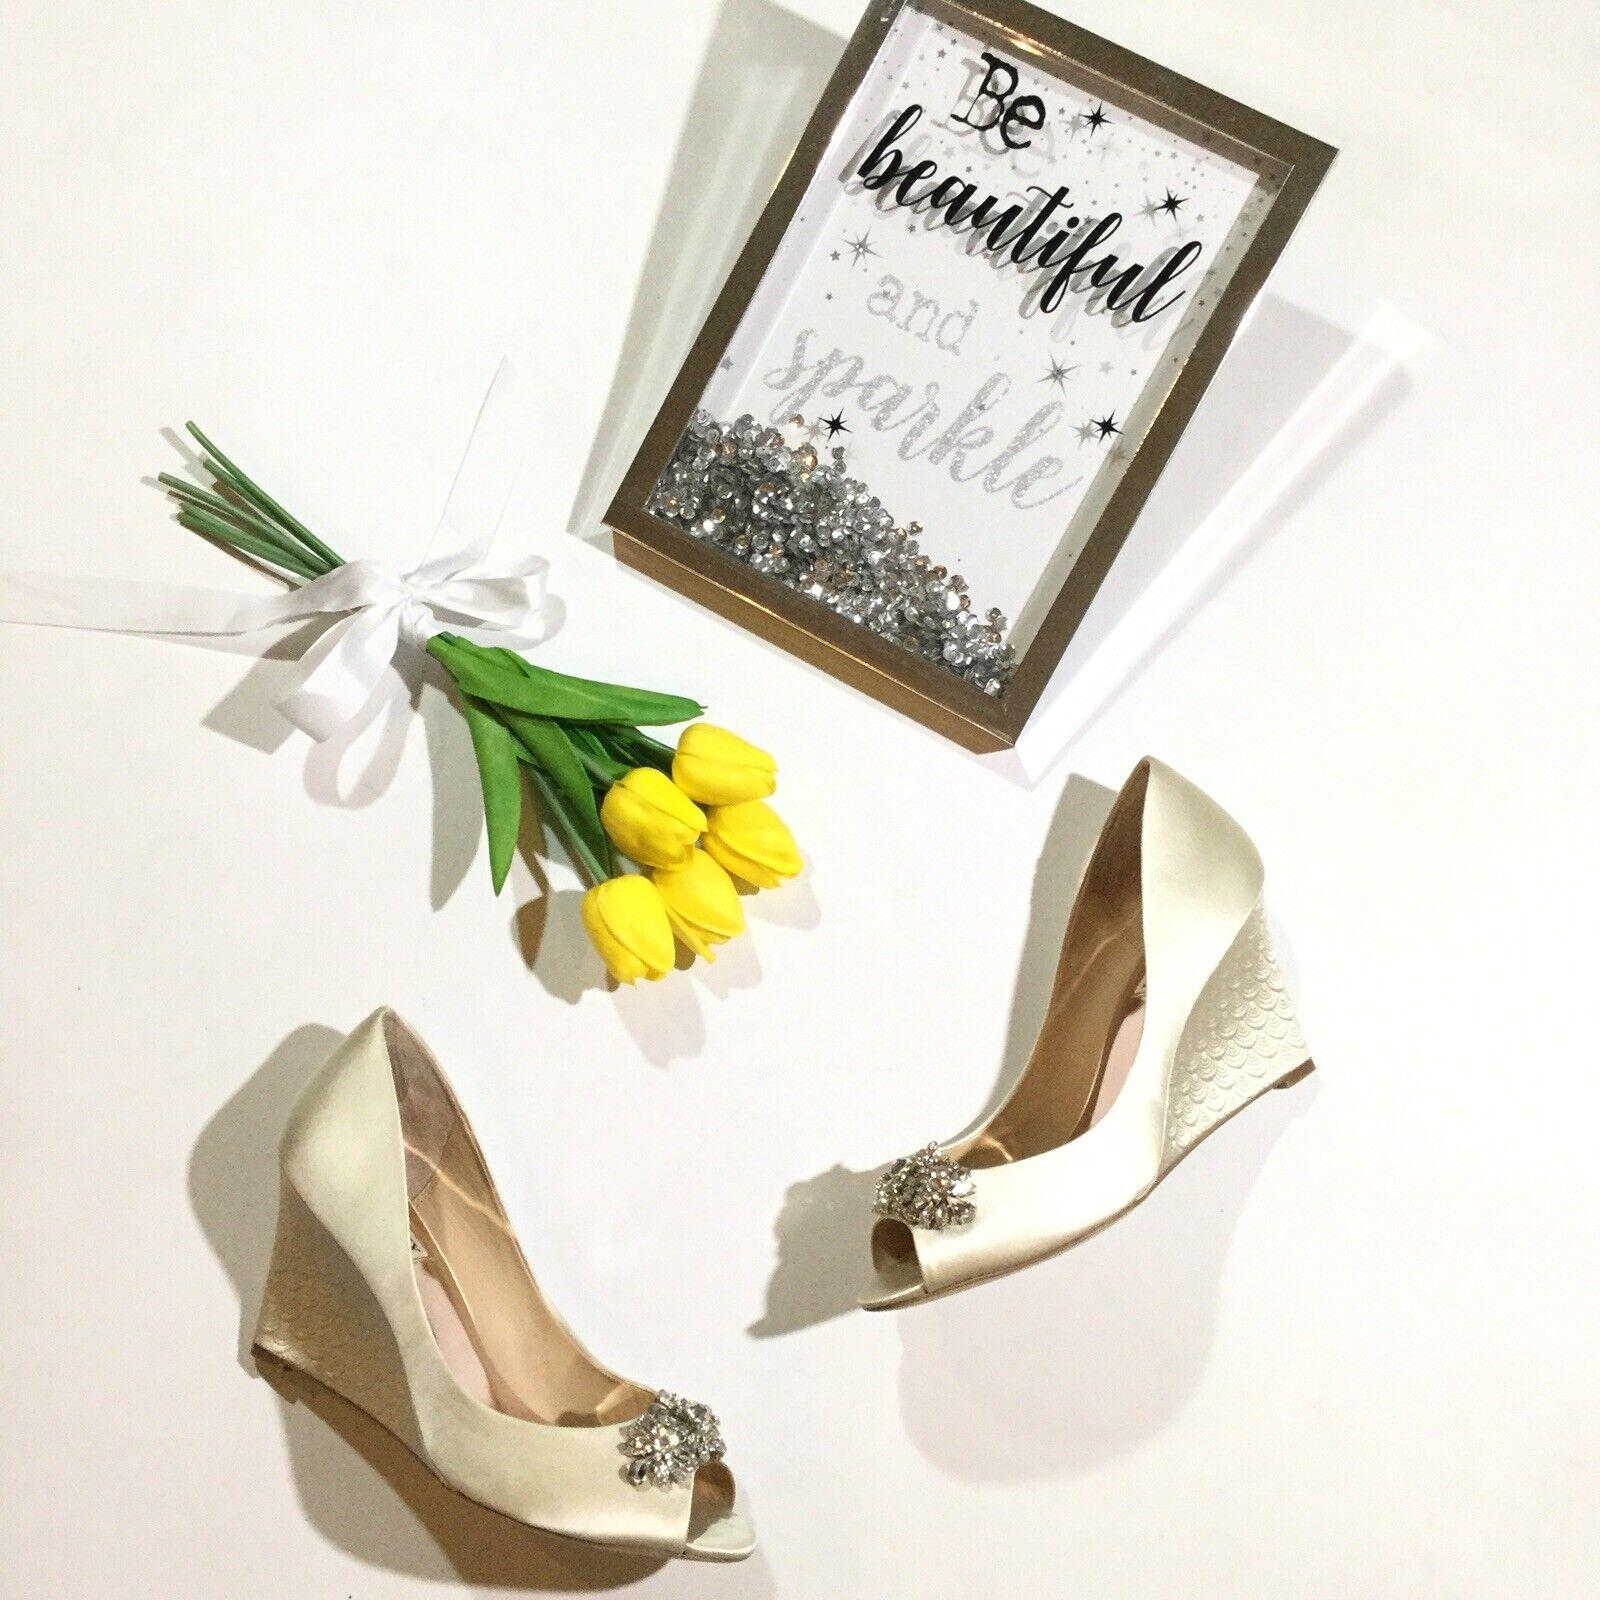 Badgley Badgley Badgley Mishka kvinnor Storlek 9.5 Dara Embelleished Open Toe Wedge Evening skor  försäljning online